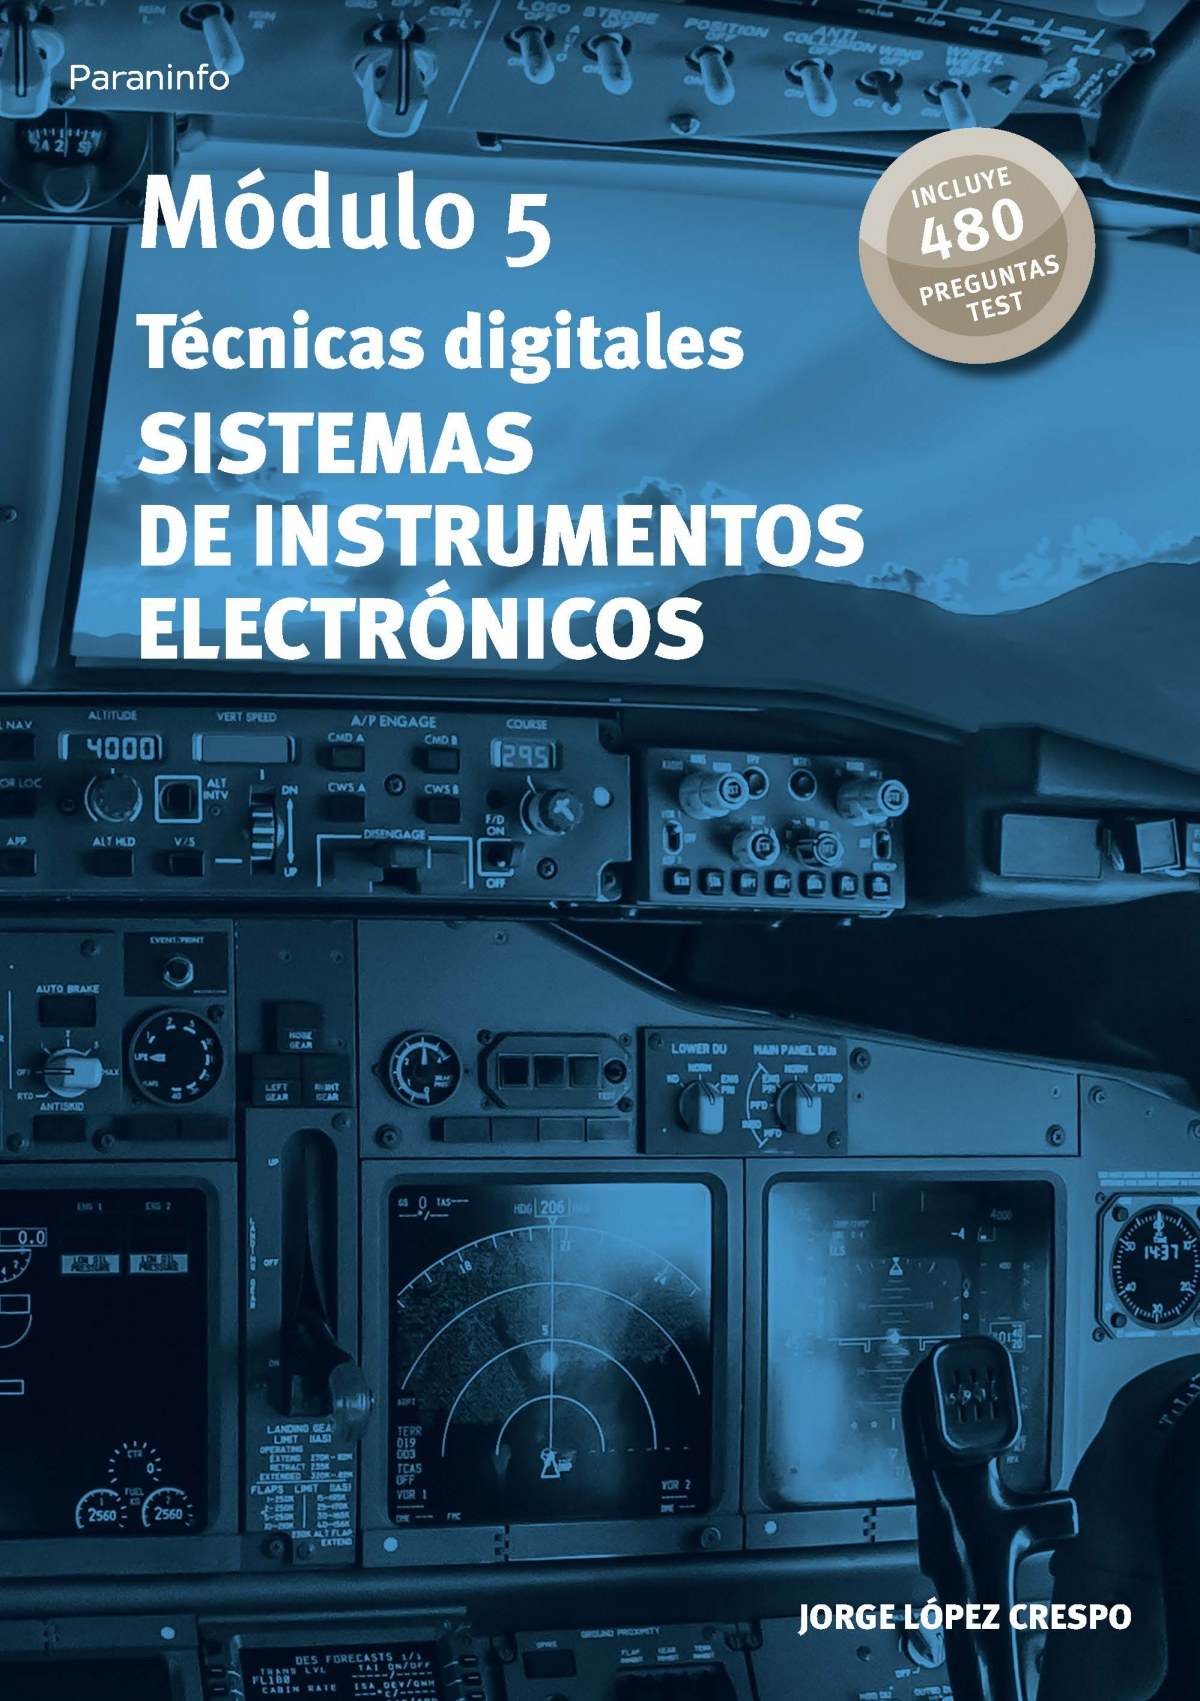 Módulo 5. Técnicas digitales. Sistemas de instrumentos electrónicos